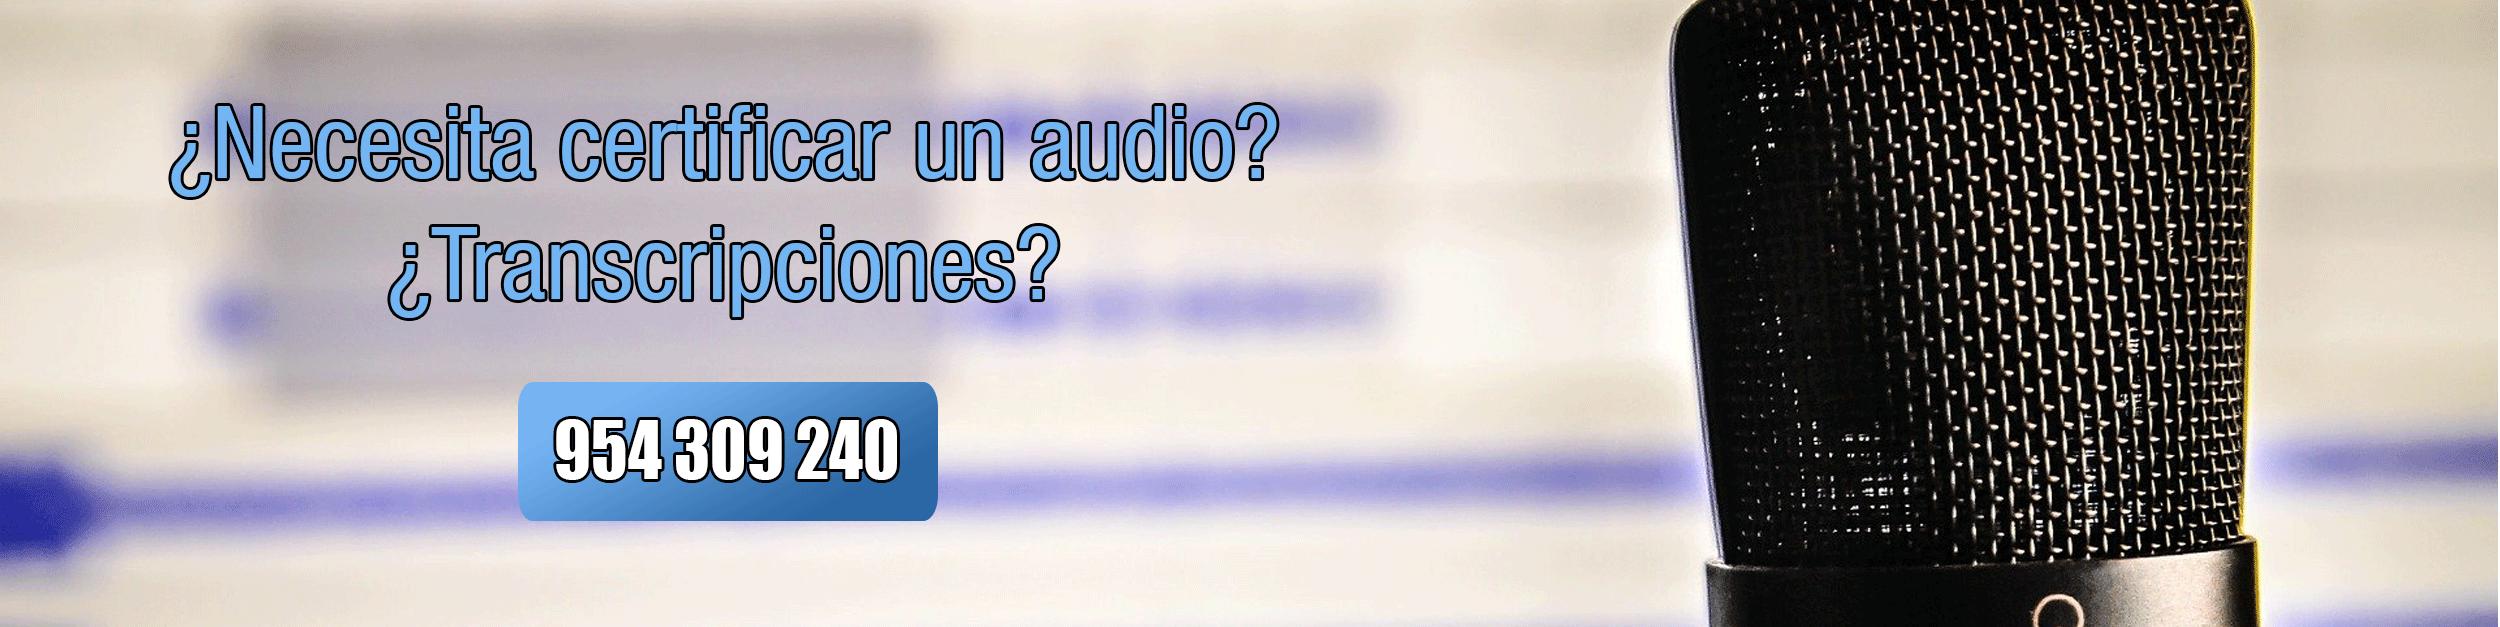 perito-informatico-sevilla-audio